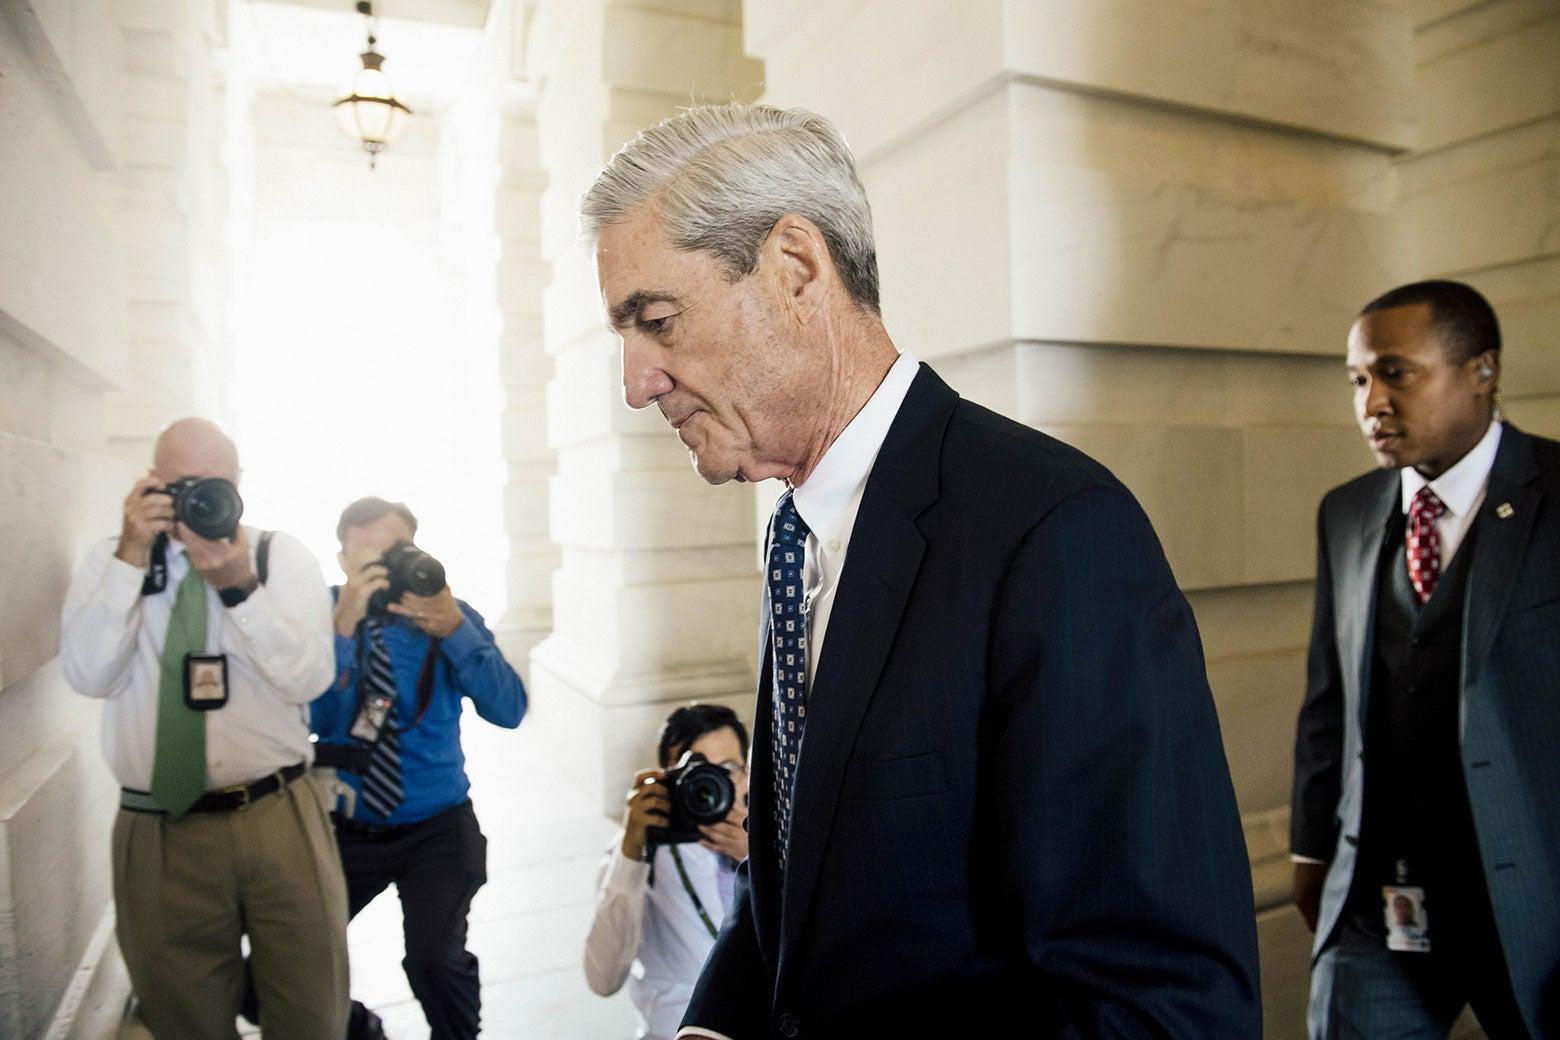 Robert Mueller walks out of a building.